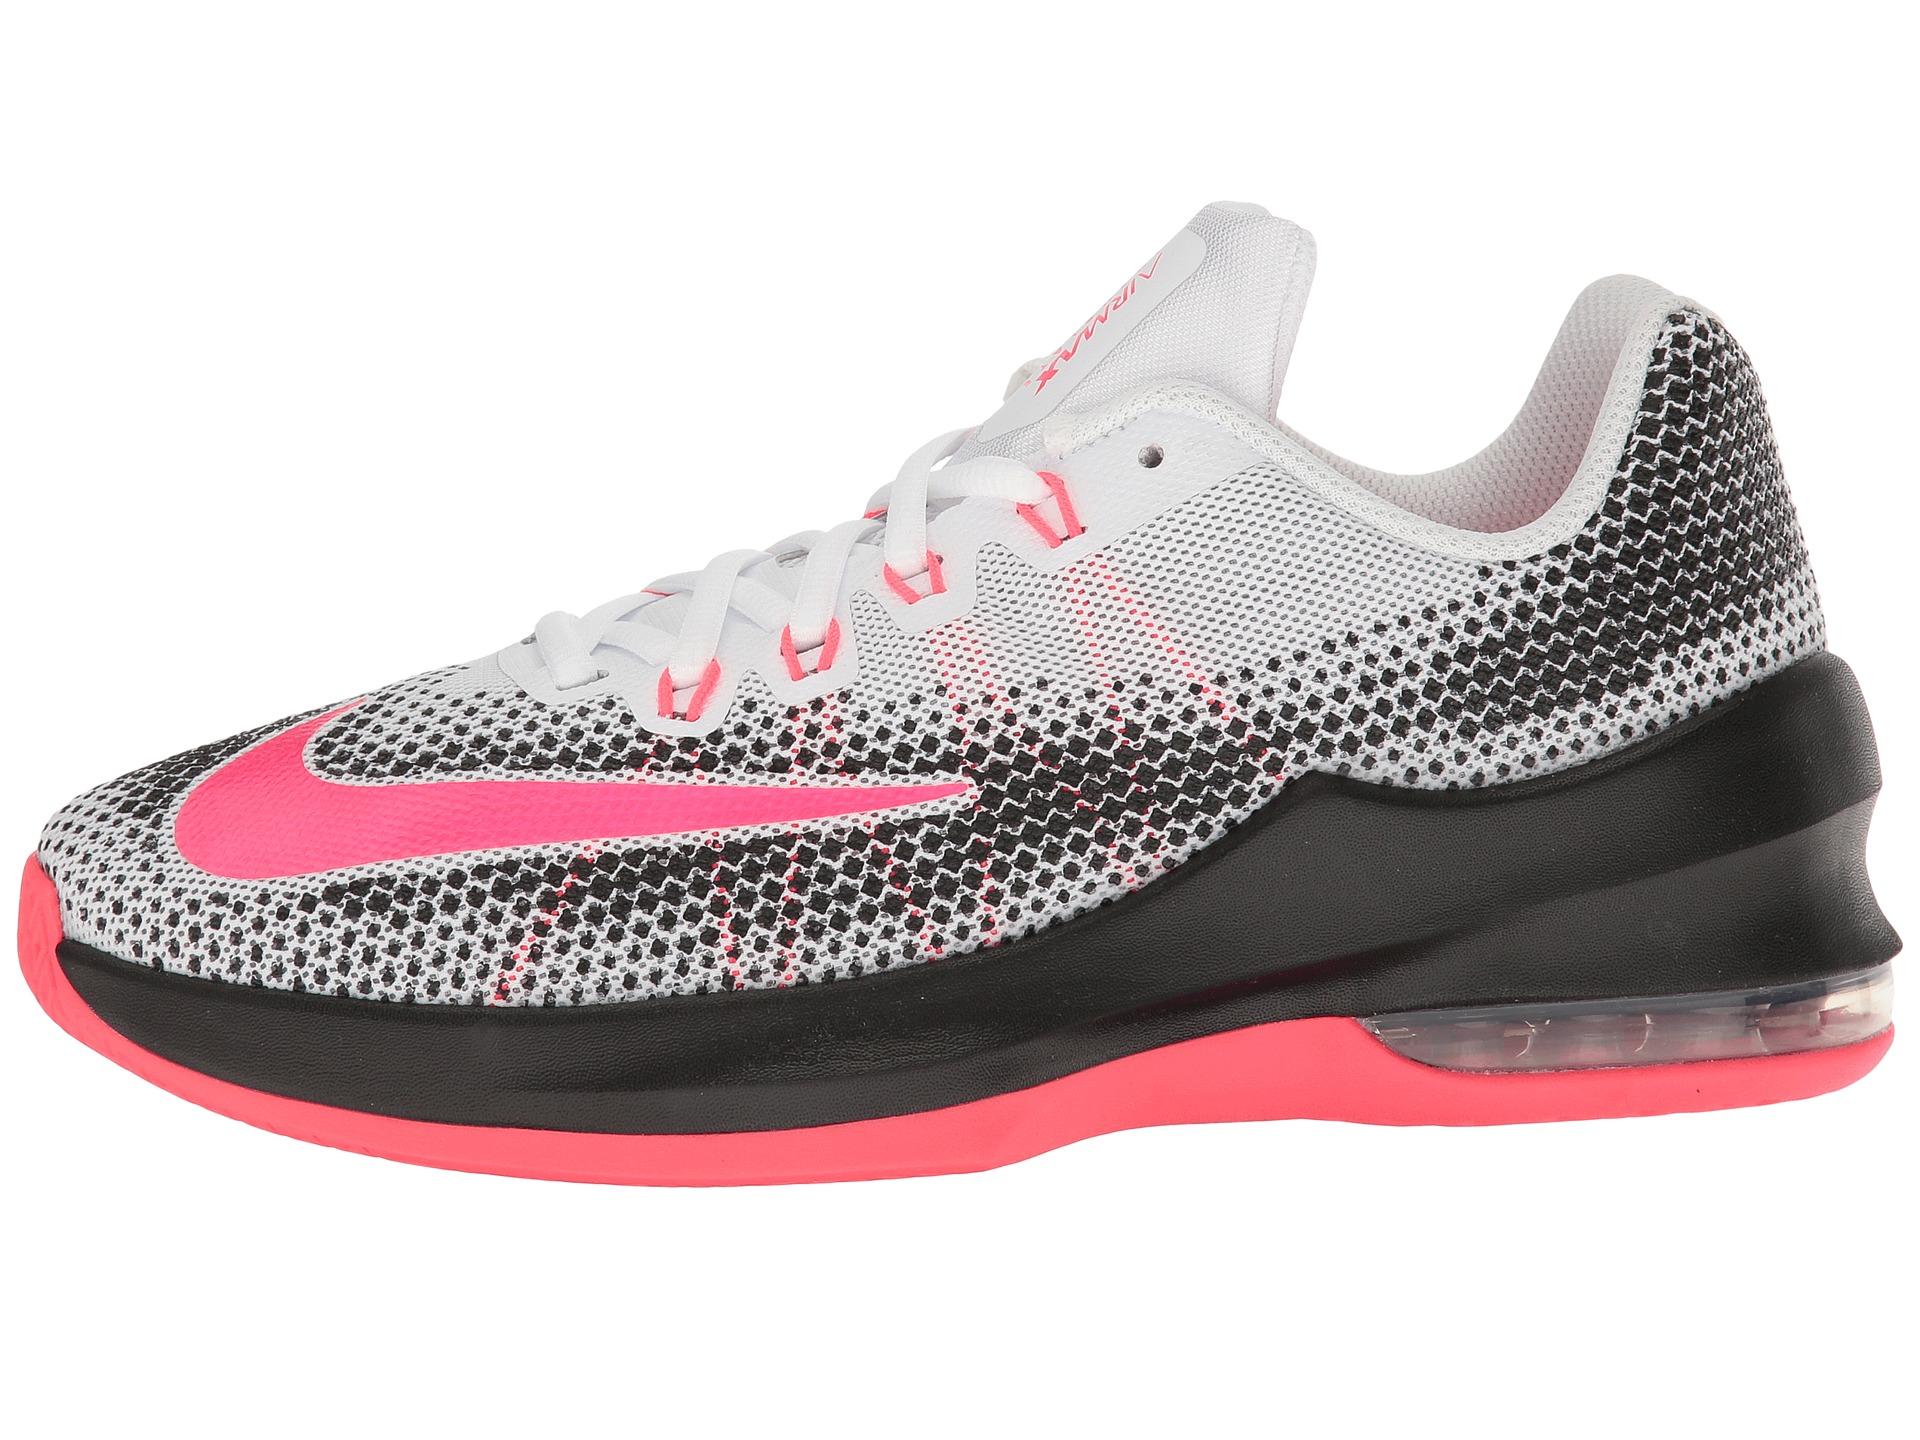 7266d7850b2b26 Girls Kids Nike Shox Shoes